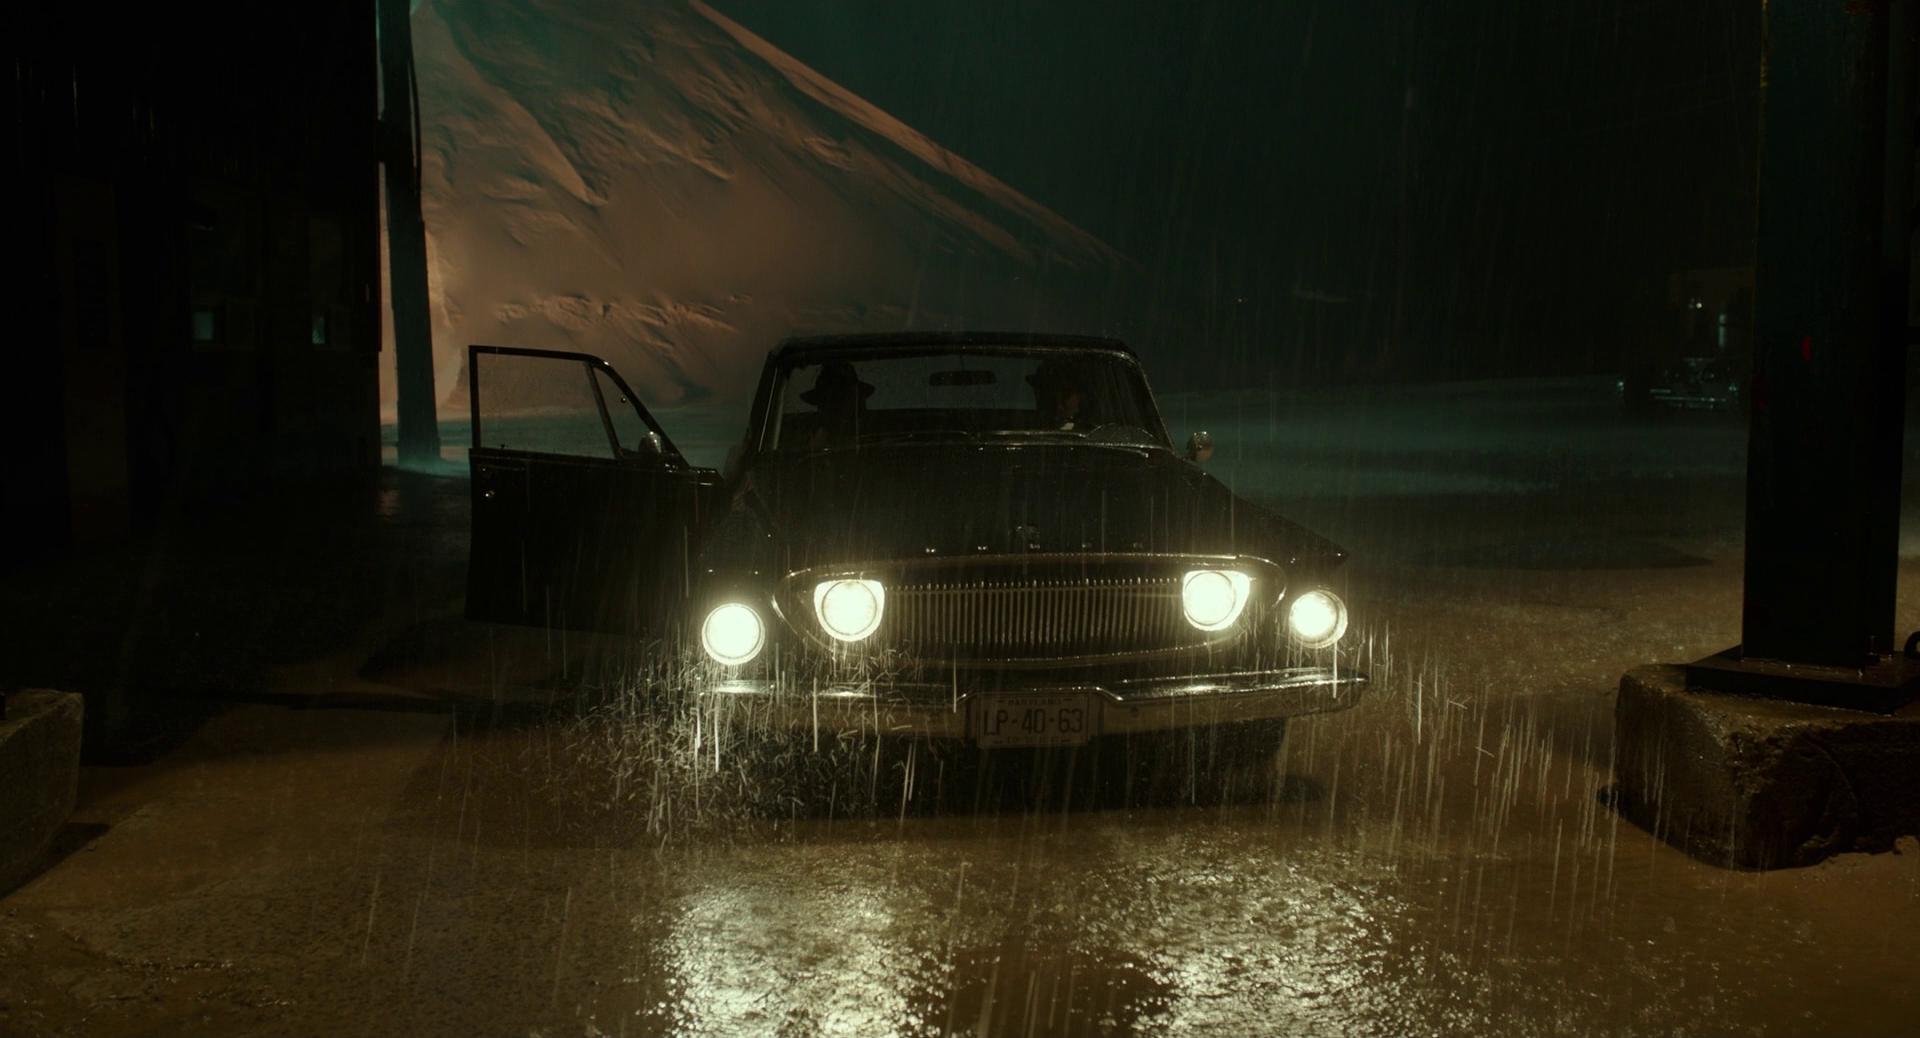 Suyun Sesi filmini türkçe dublaj indir Ekran Görüntüsü 2